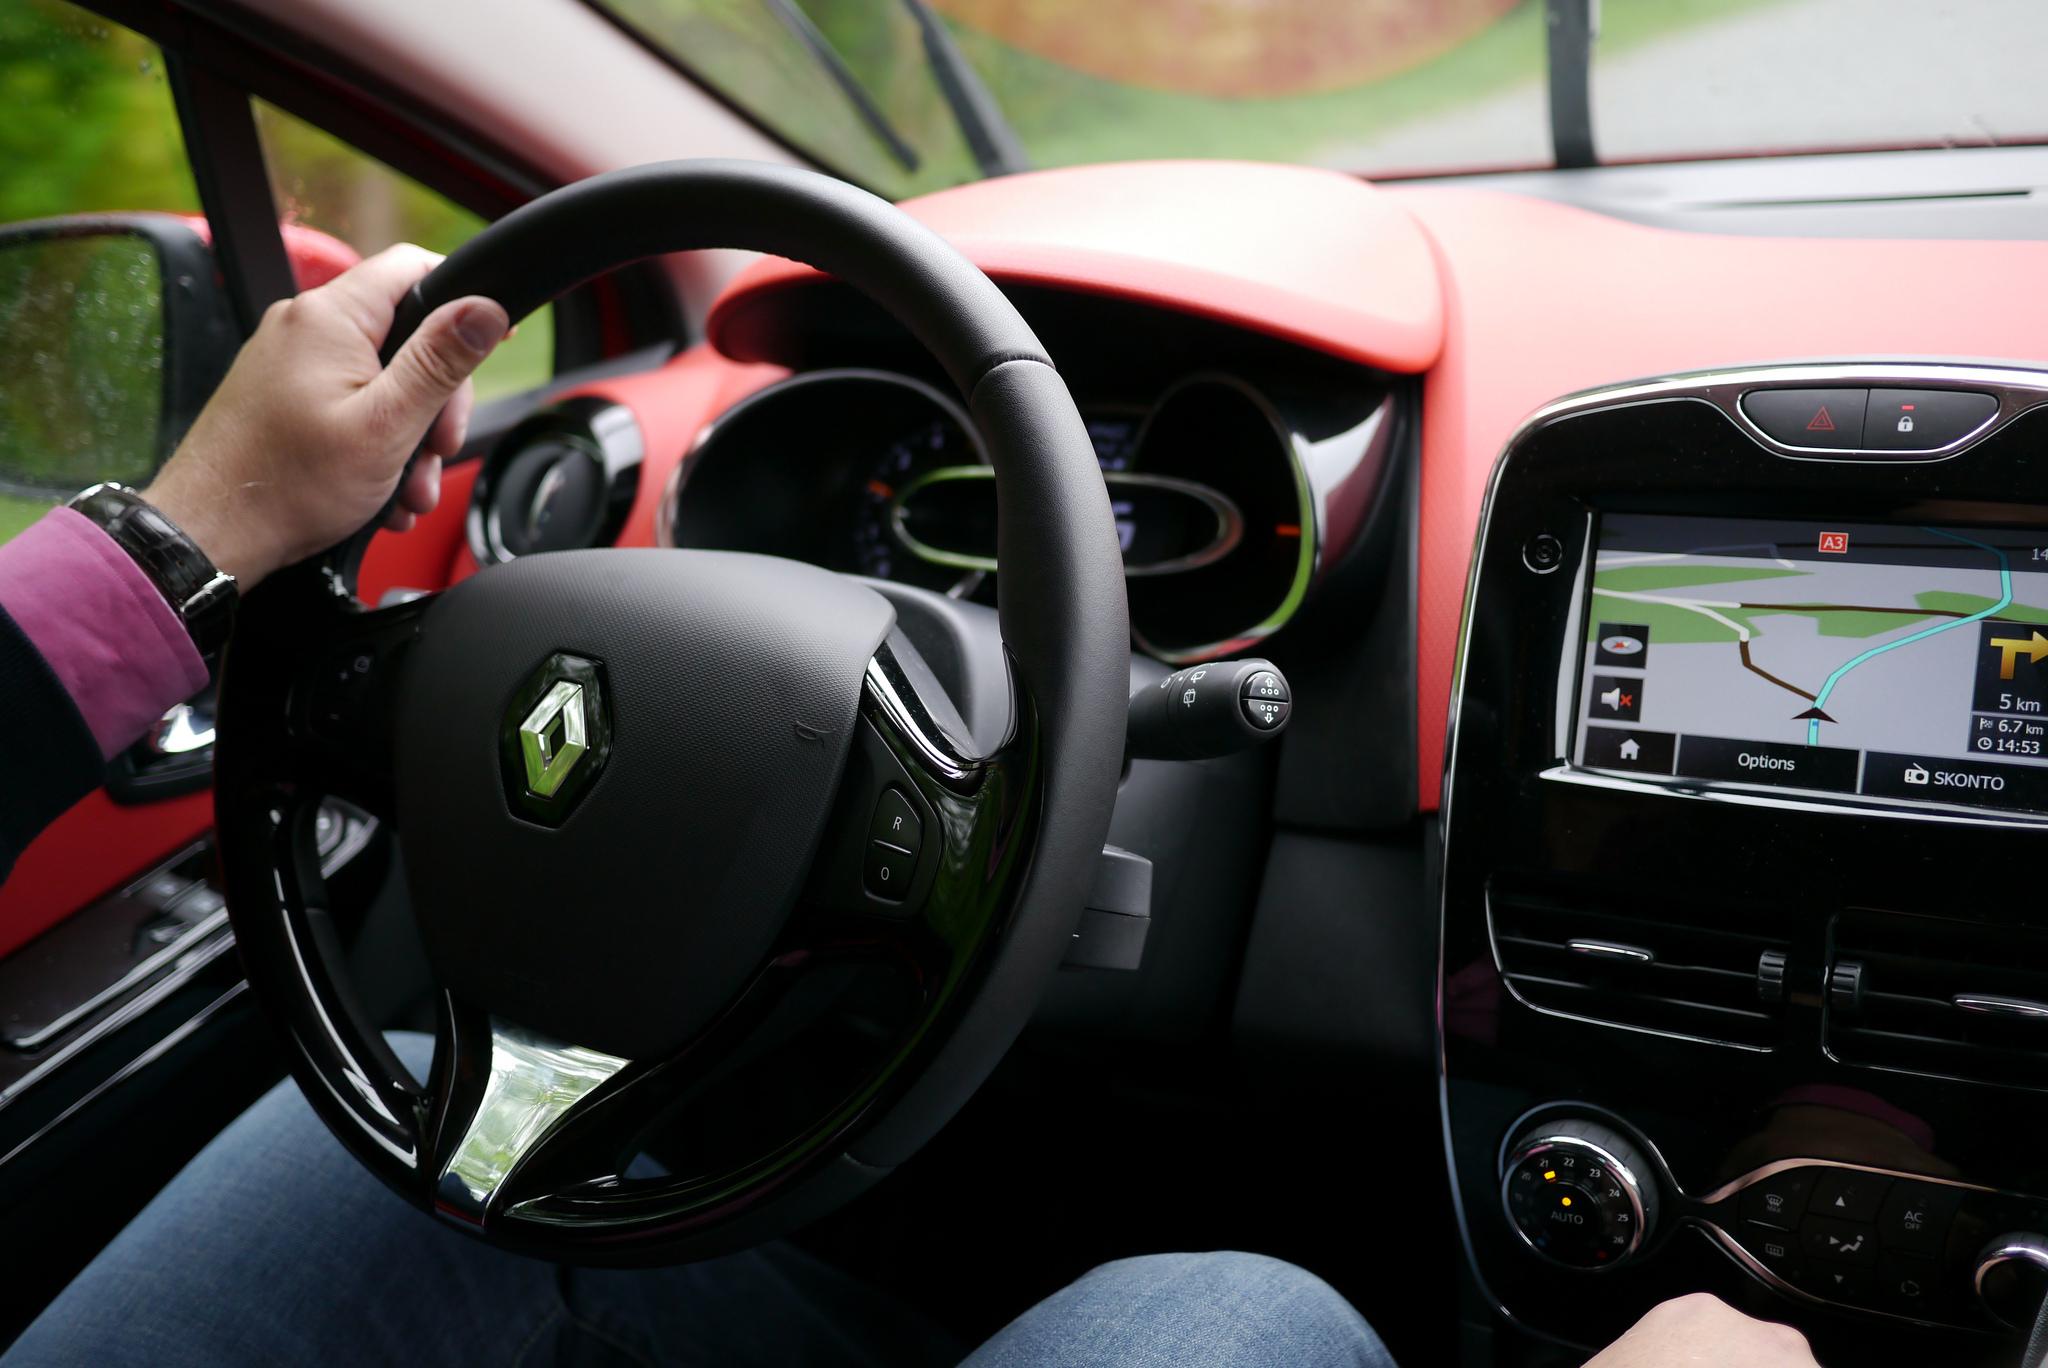 Renault und Nissan wollen schon bald selbstfahrende Autos auf den Markt bringen.